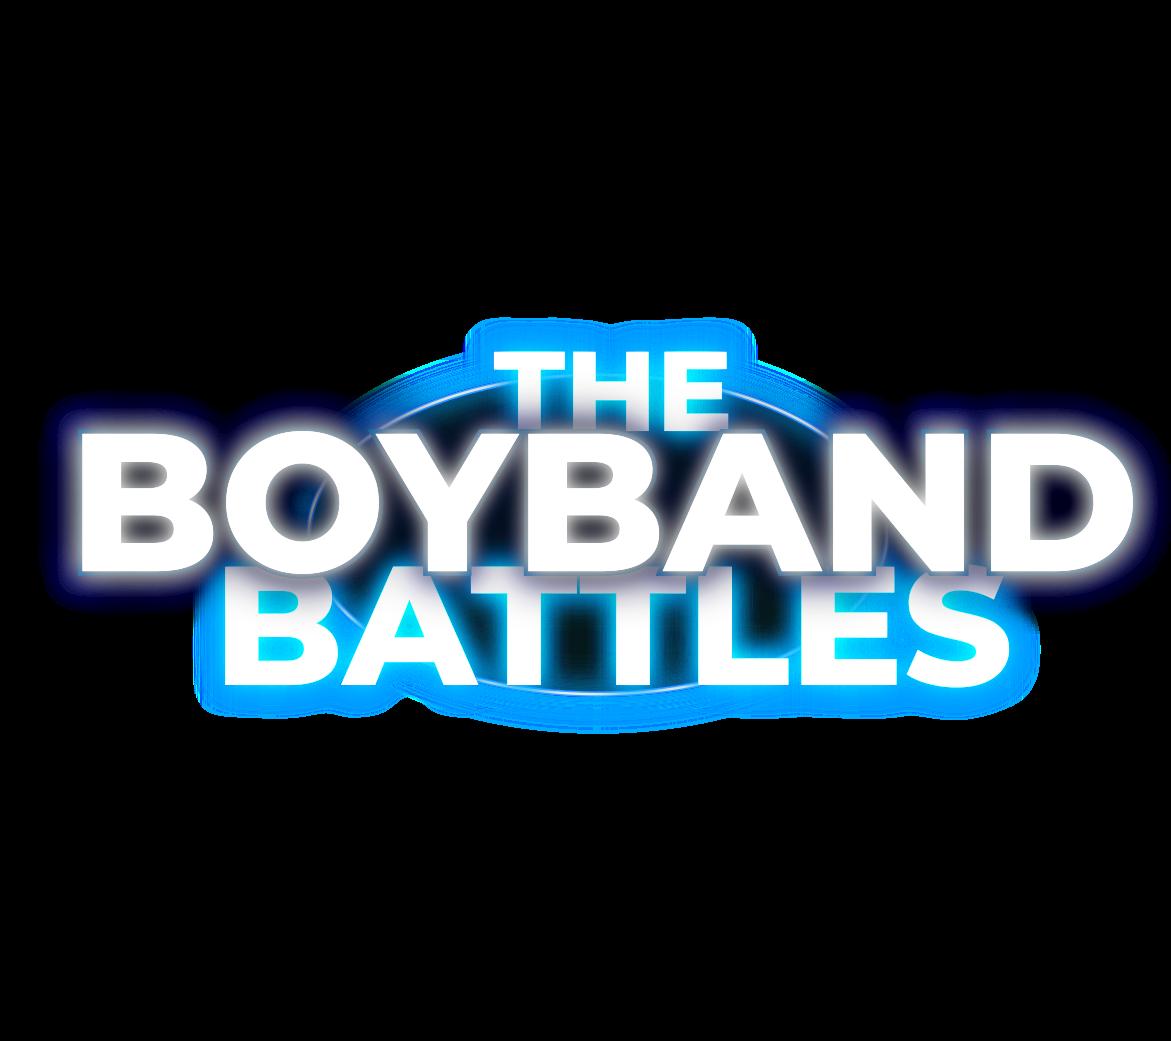 The Boyband Battles